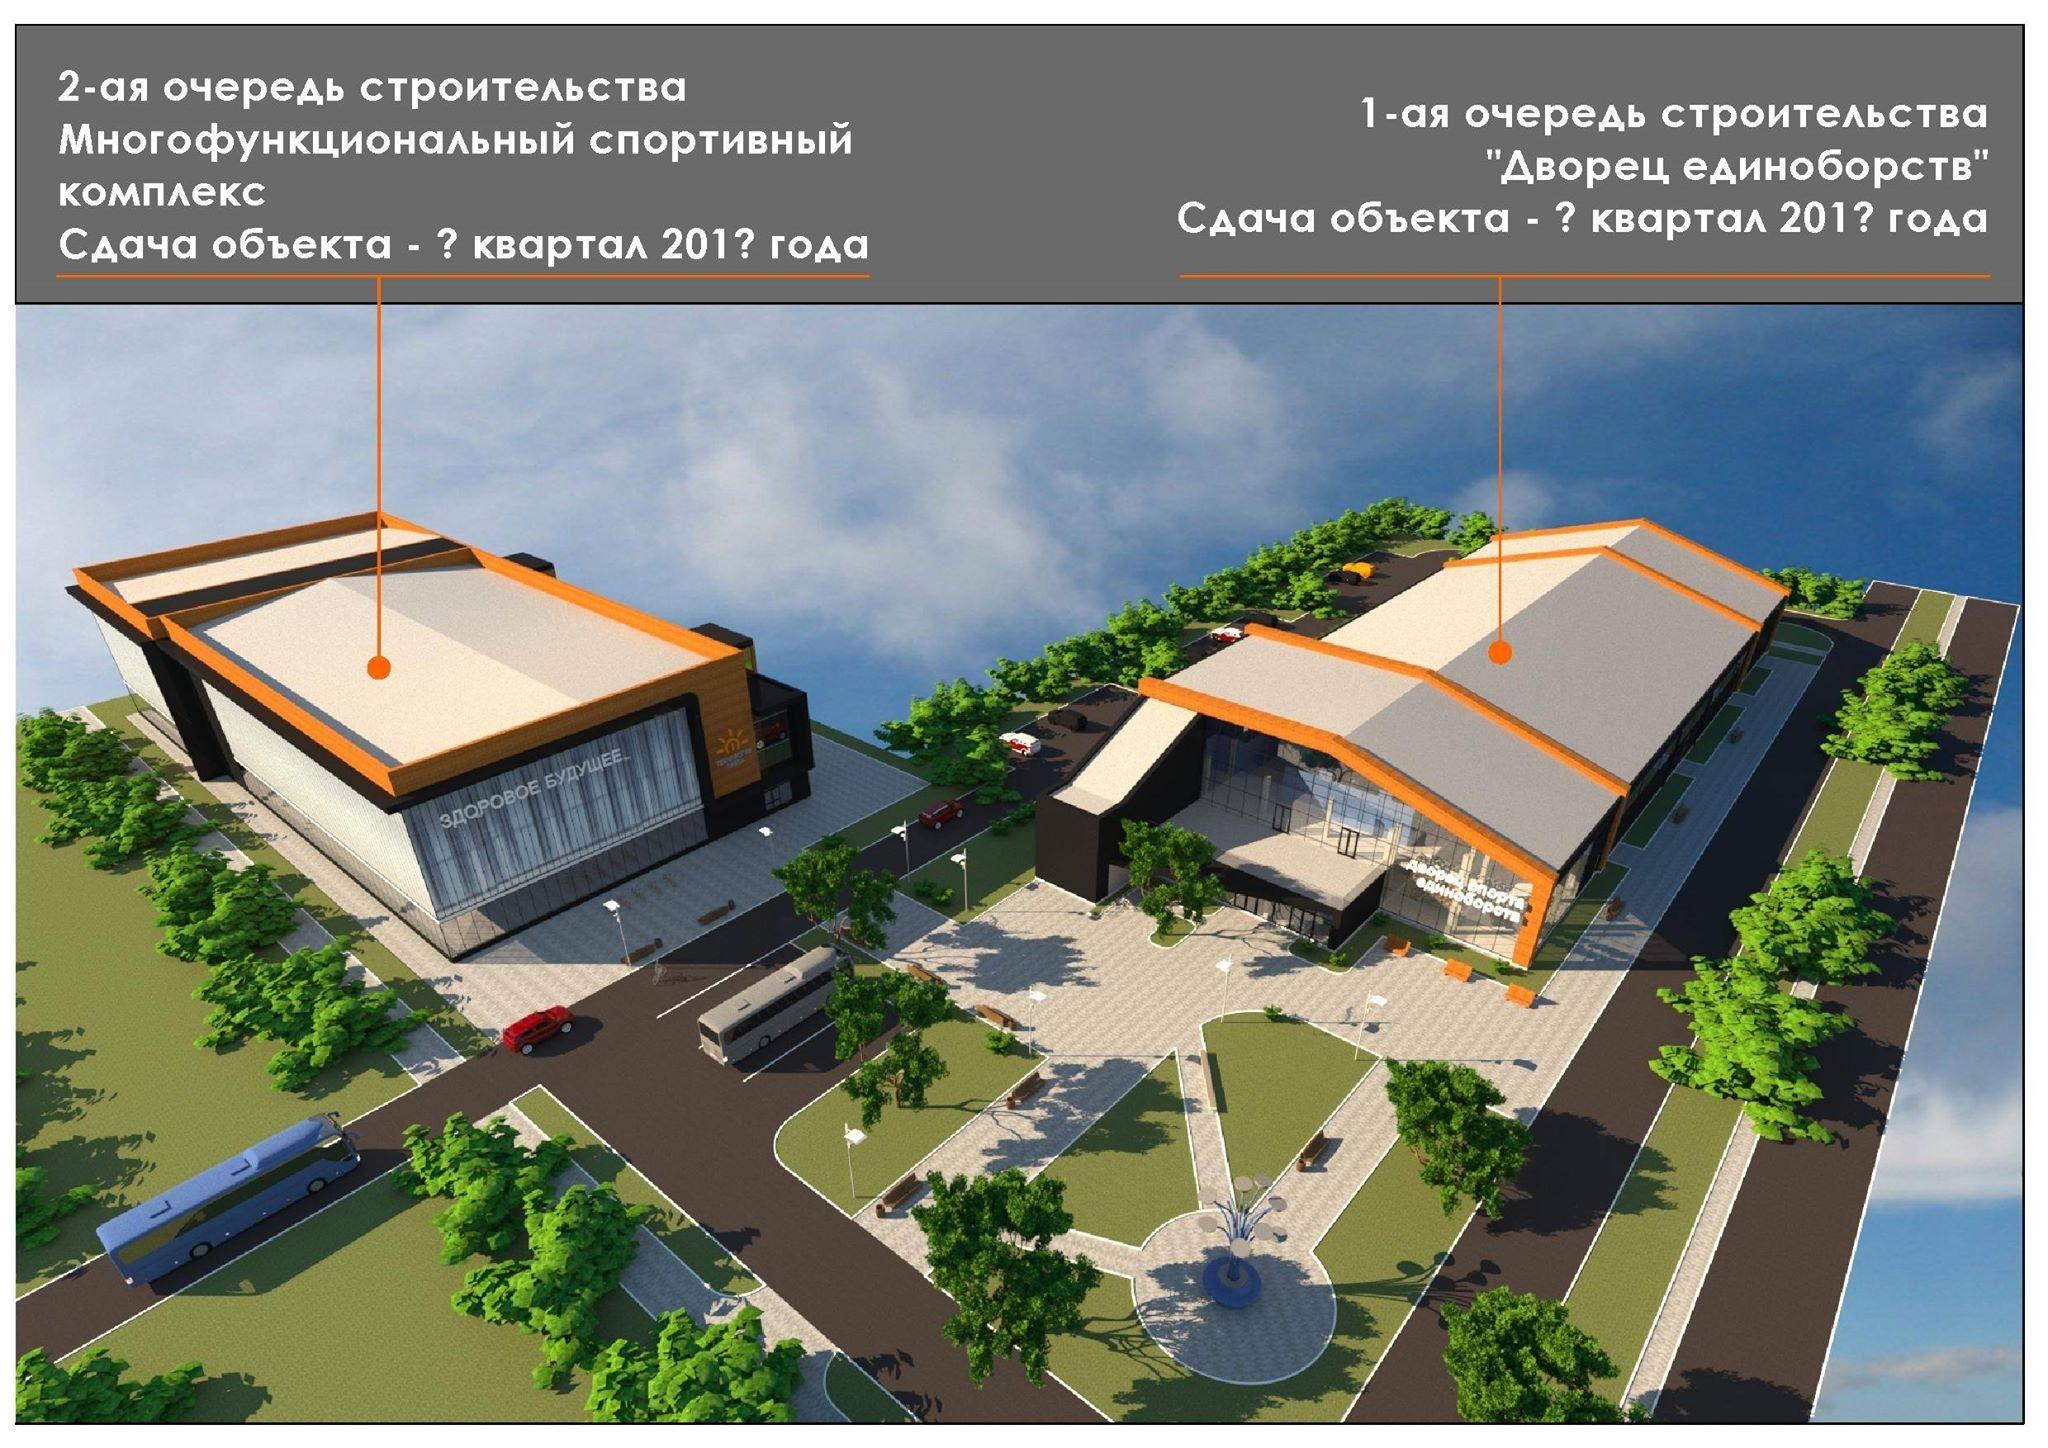 Спортивный комплекс планируют построить за250 млн руб. вТаганроге